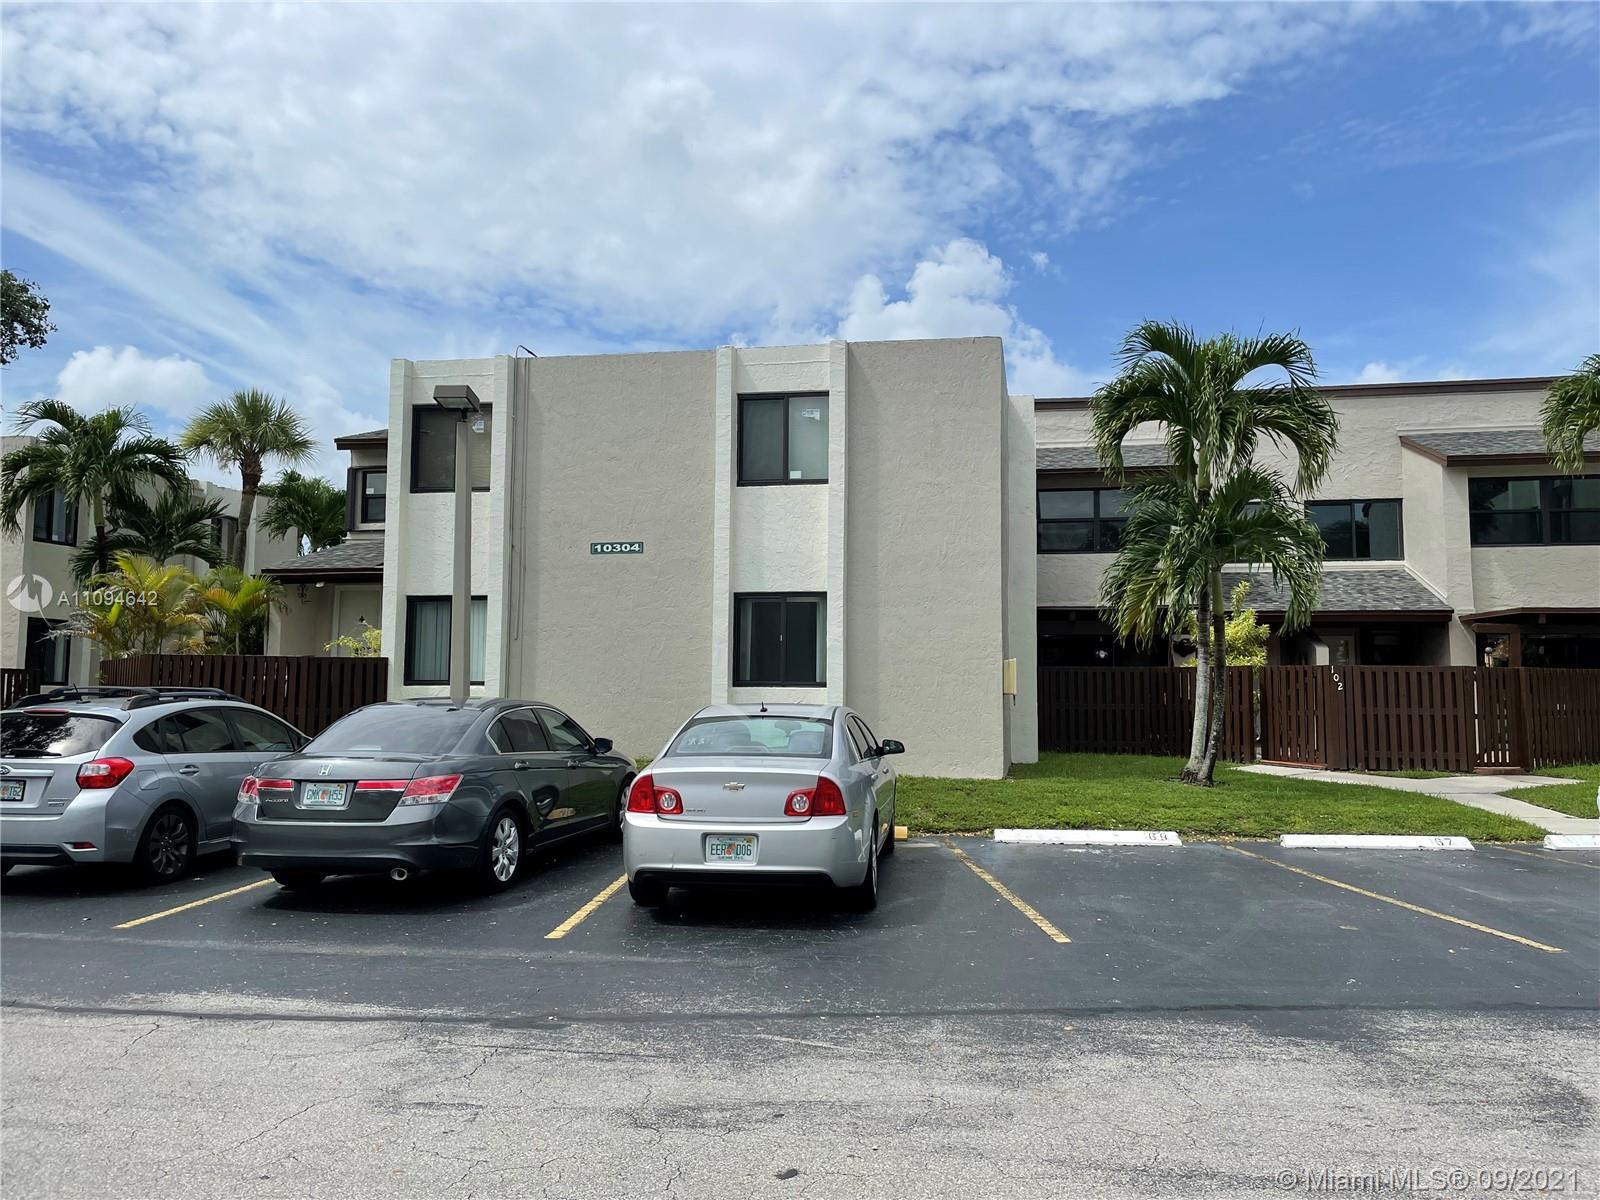 Las Ramblas #202 - 10304 NW 9th Street Cir #202, Miami, FL 33172